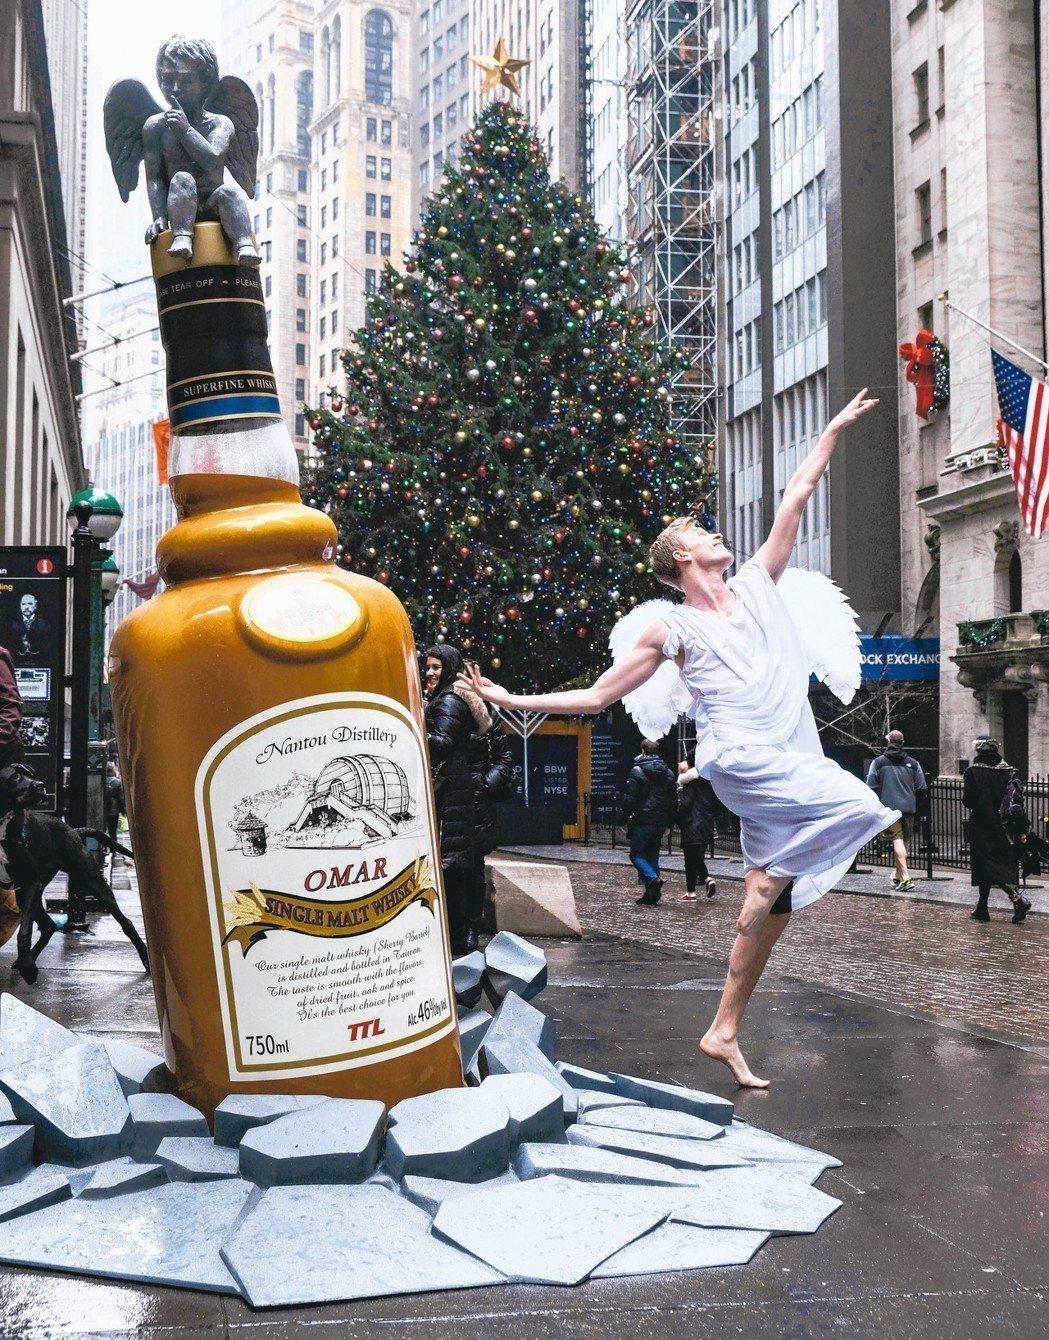 OMAR單一麥芽威士忌以「天使無法擋」的概念,巧作巨型仿真酒瓶,在美國知名地標巡...